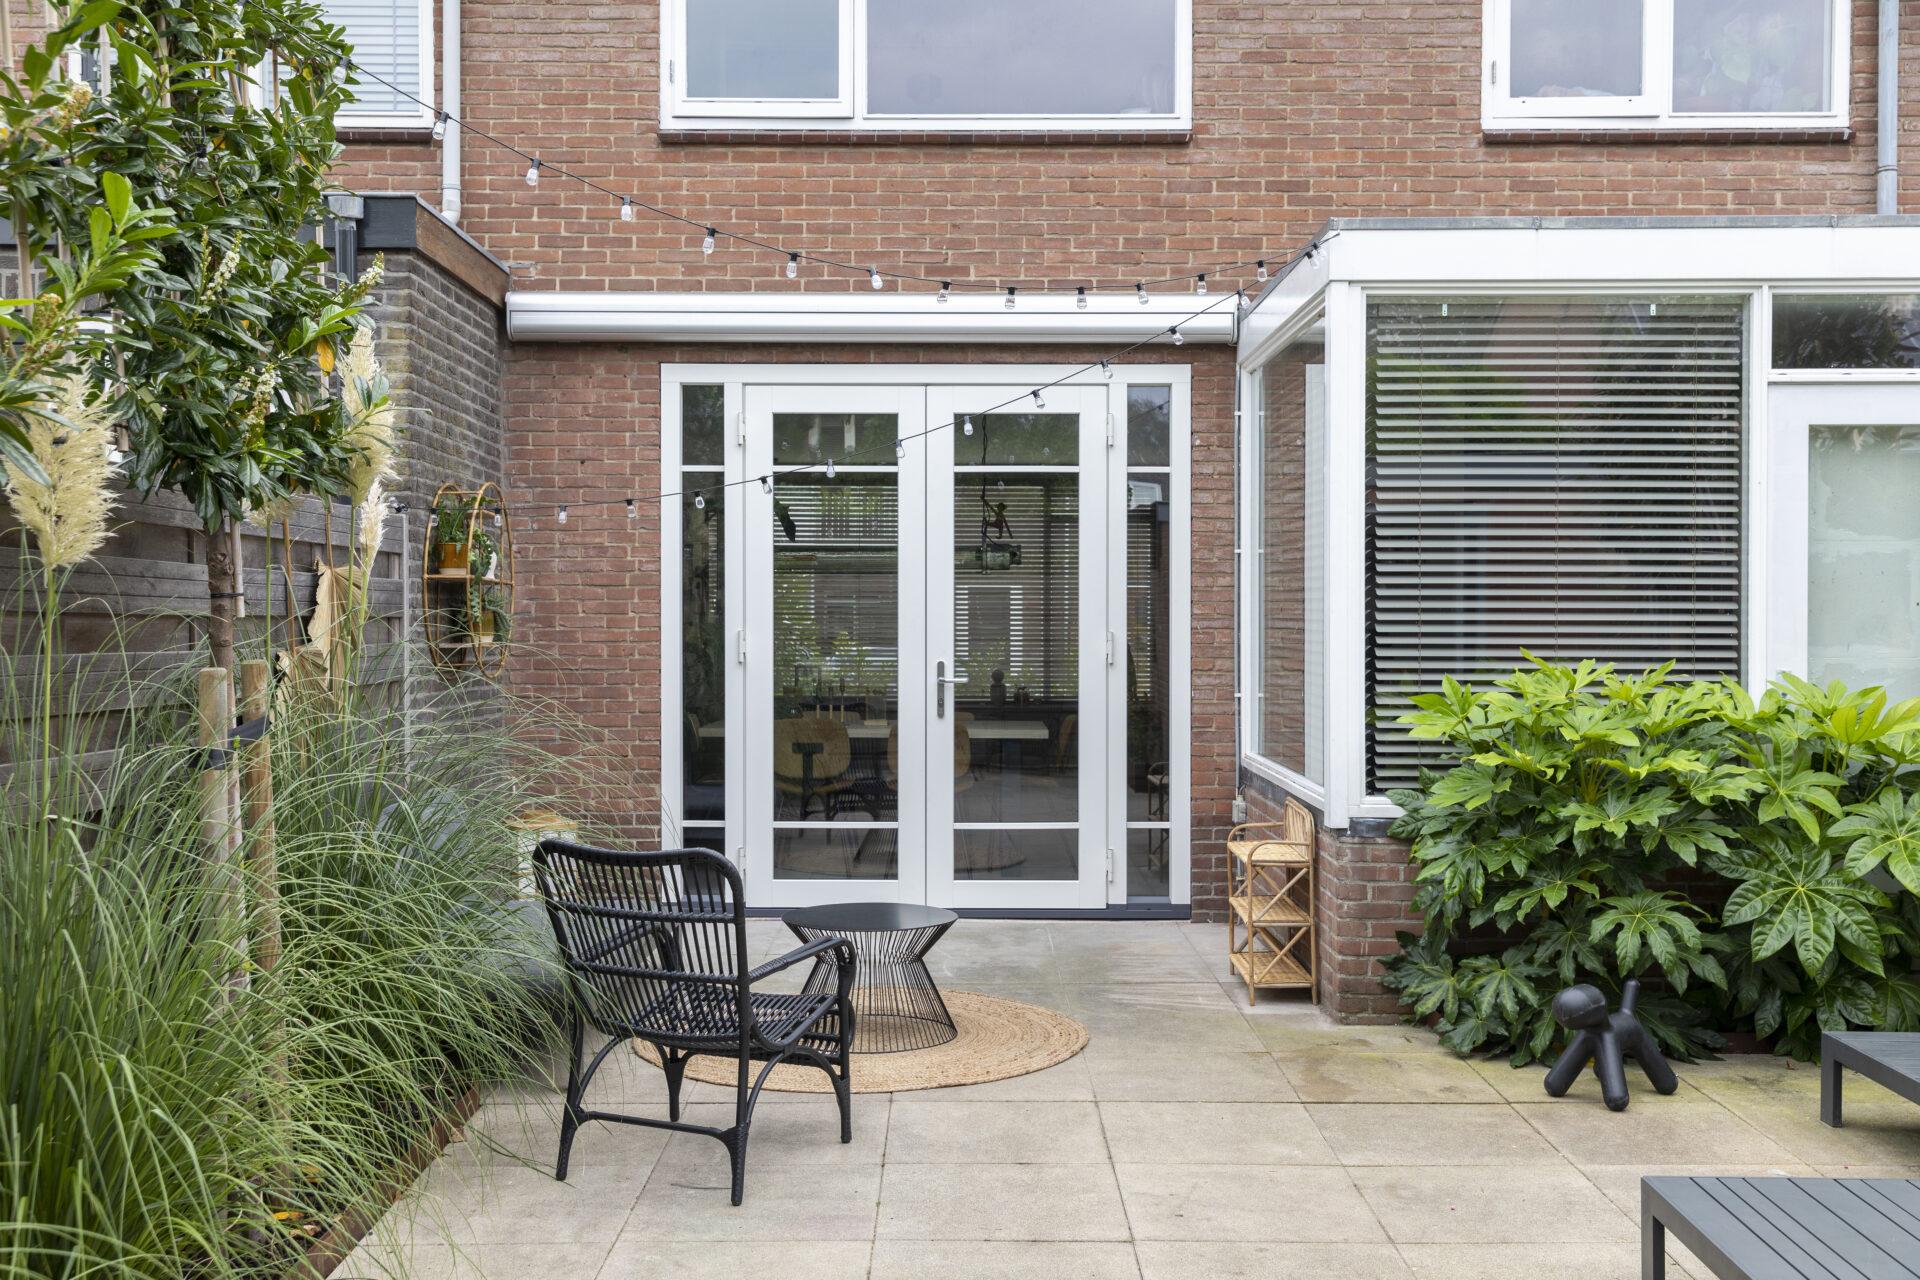 Select Windows kunststof kozijnen - vtwonen weer verliefd op je huis in Heemstede - kunststof kozijnen prijzen